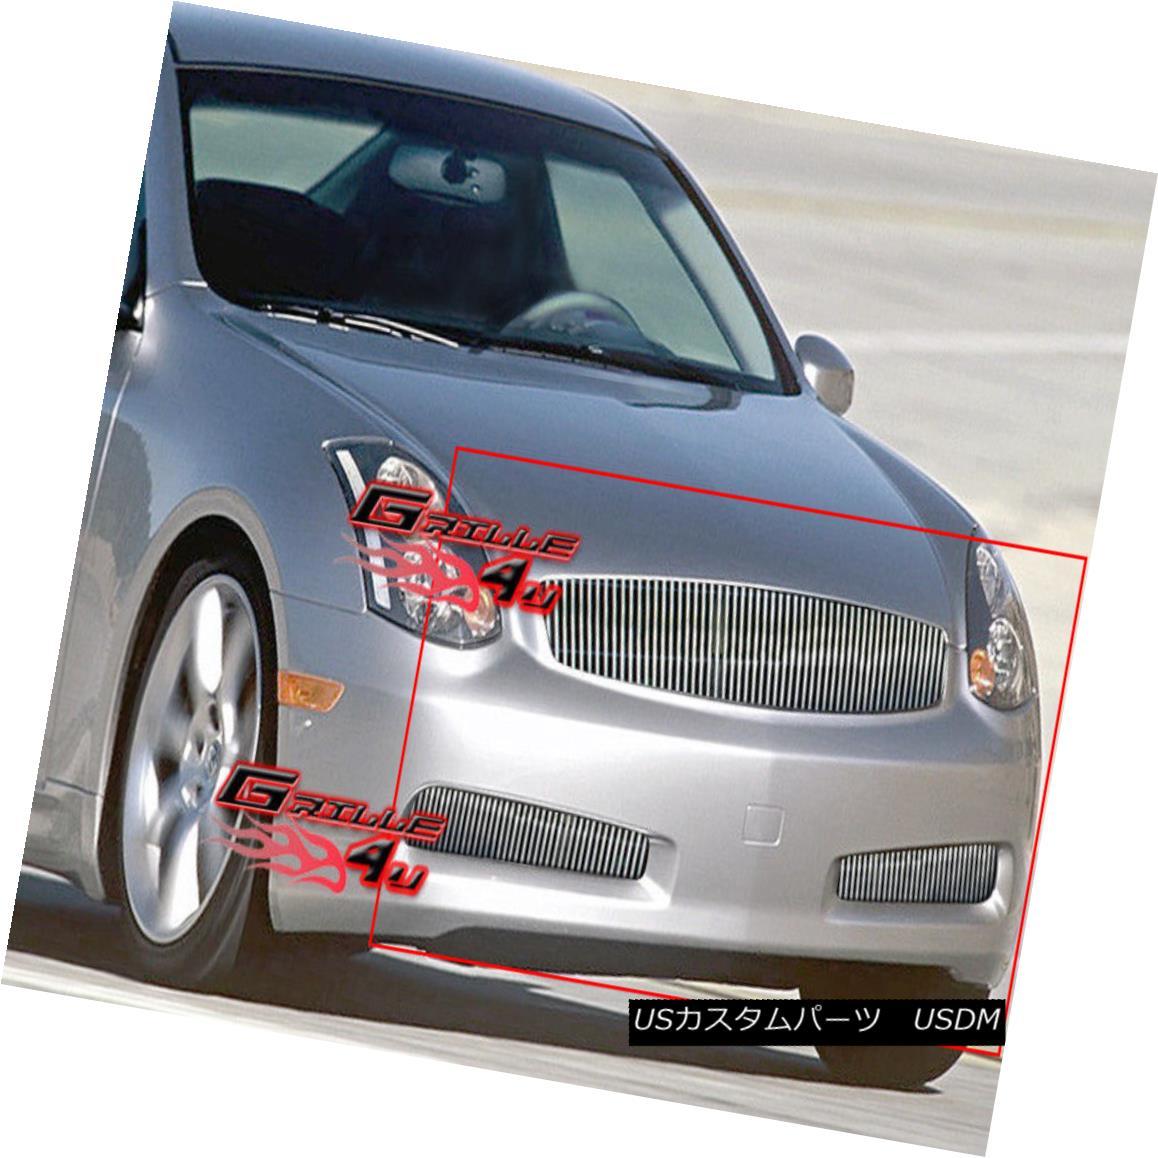 グリル For 03-07 Infiniti G35 Coupe Vertical Billet Grille Combo 03-07インフィニティG35クーペ用垂直ビレットグリルコンボ用